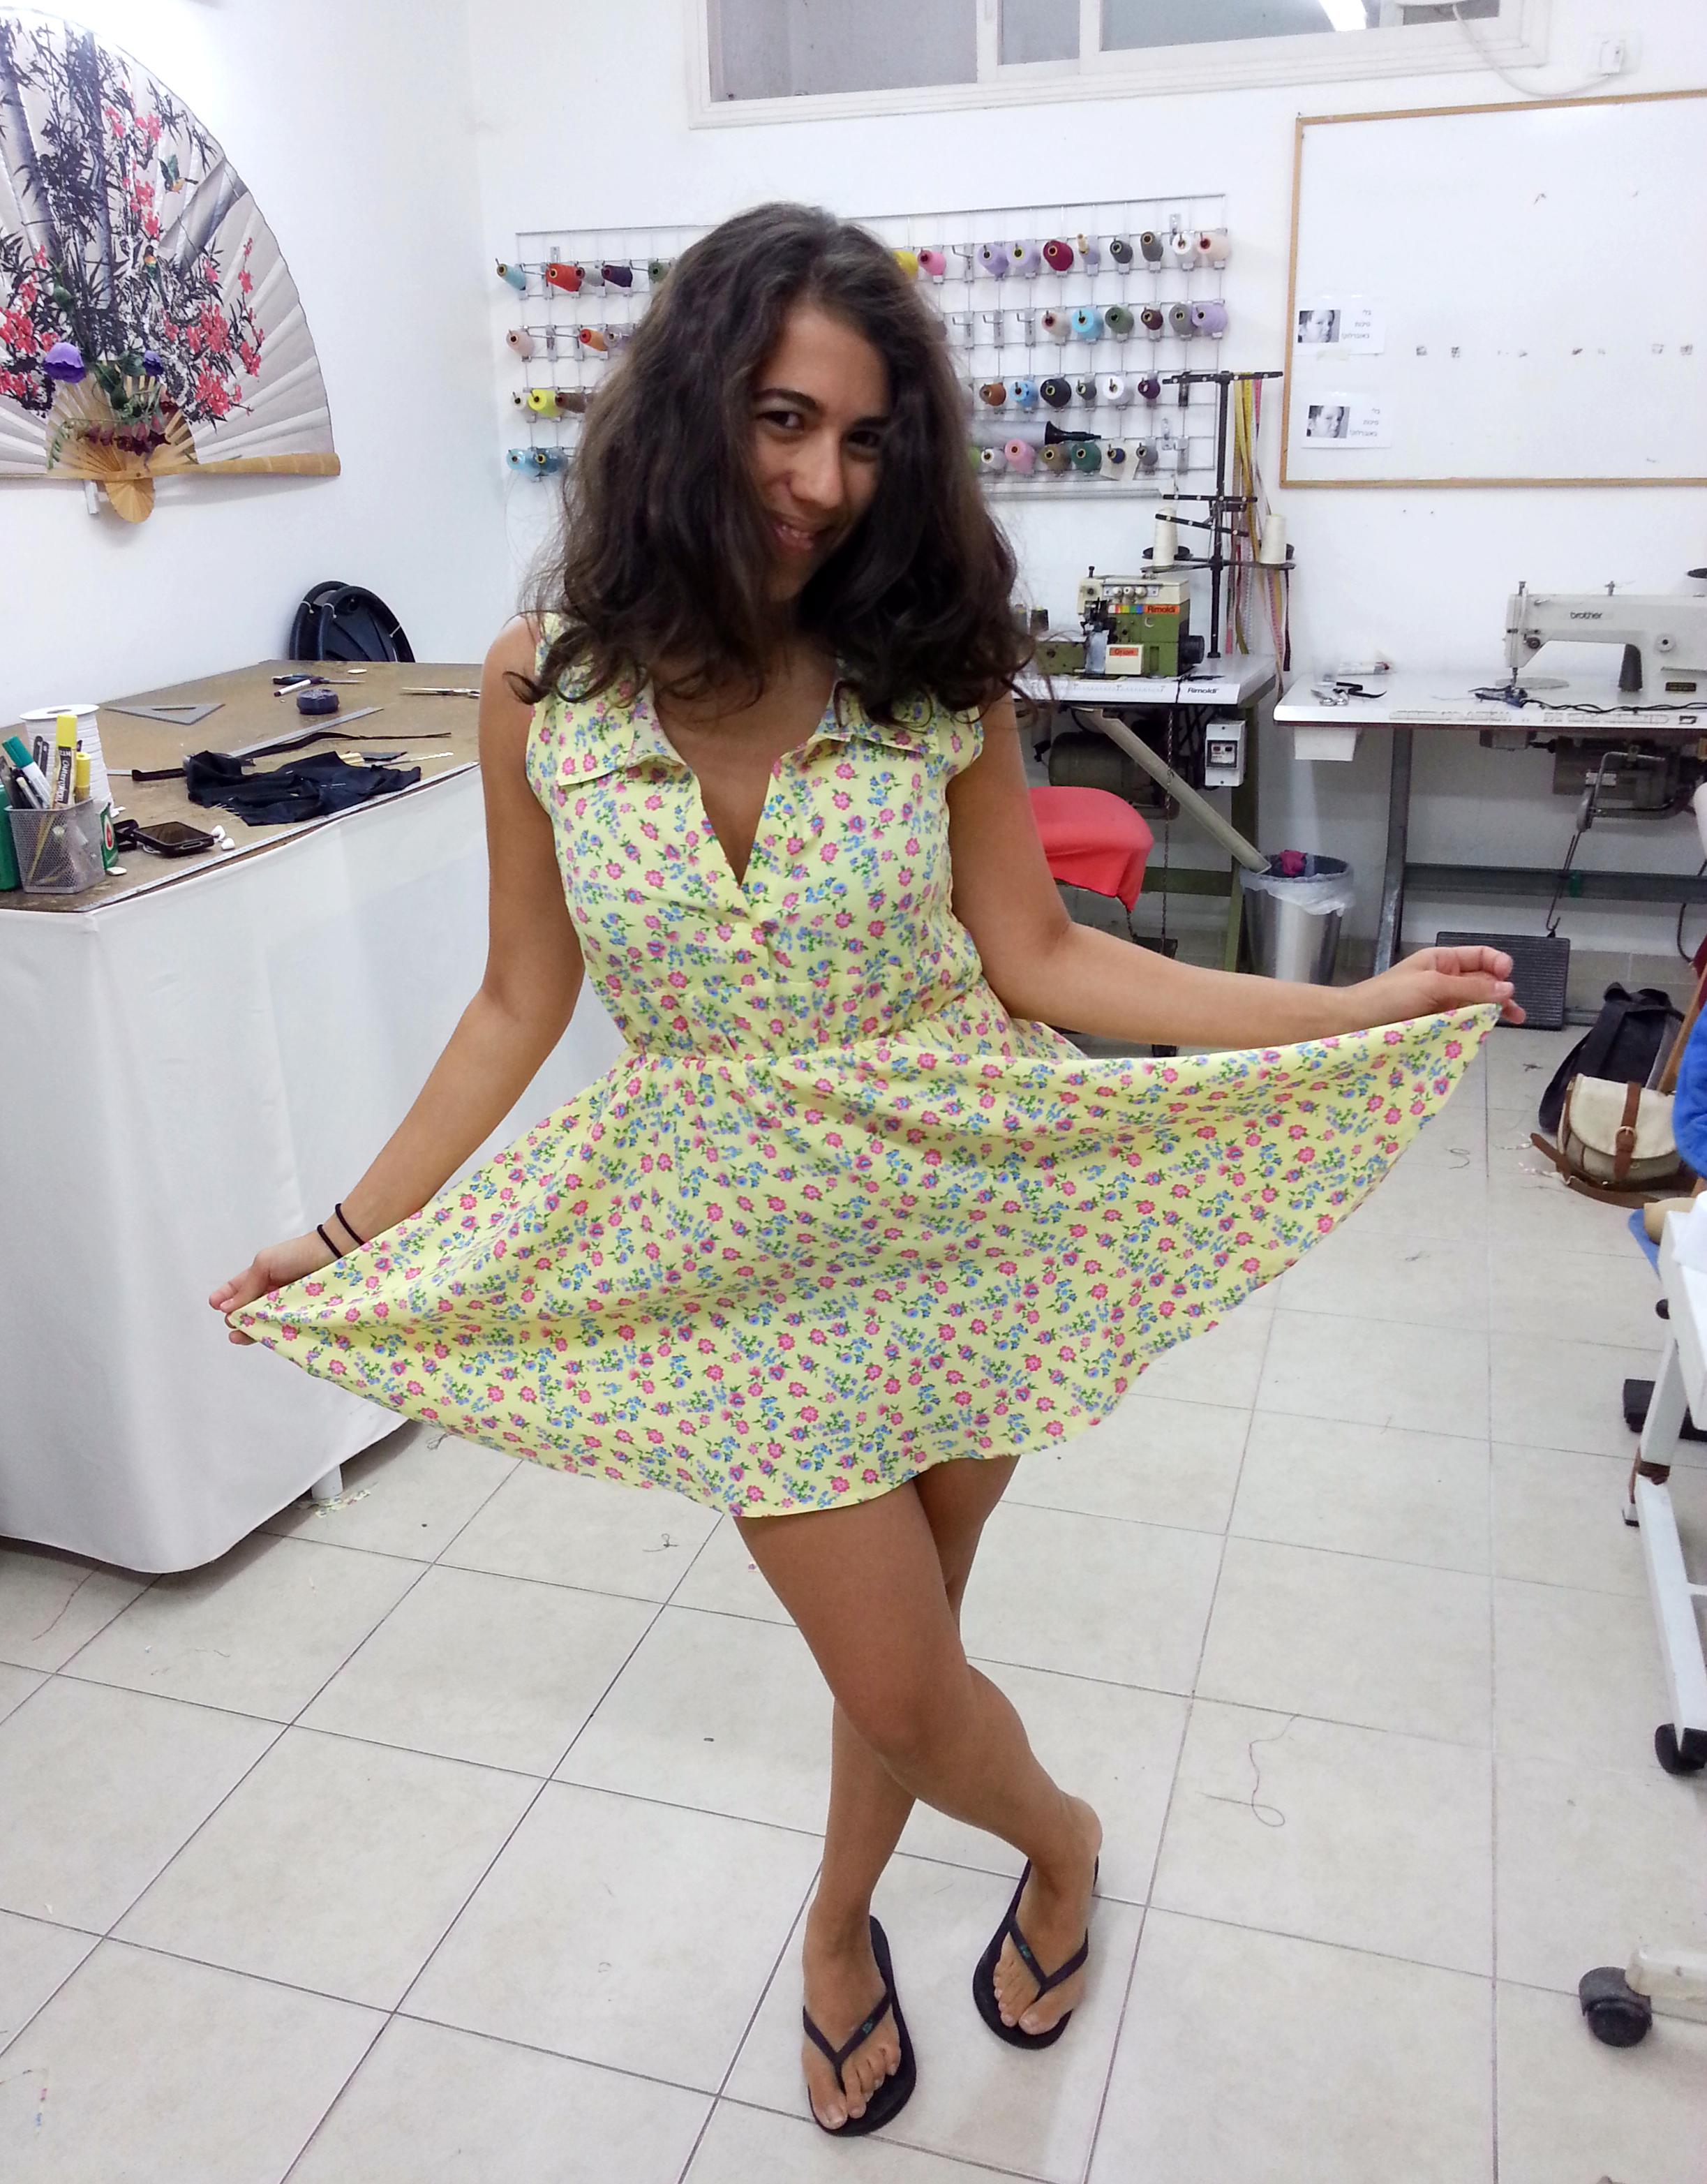 שמלה שנתפרה מגיזרה מבורדה